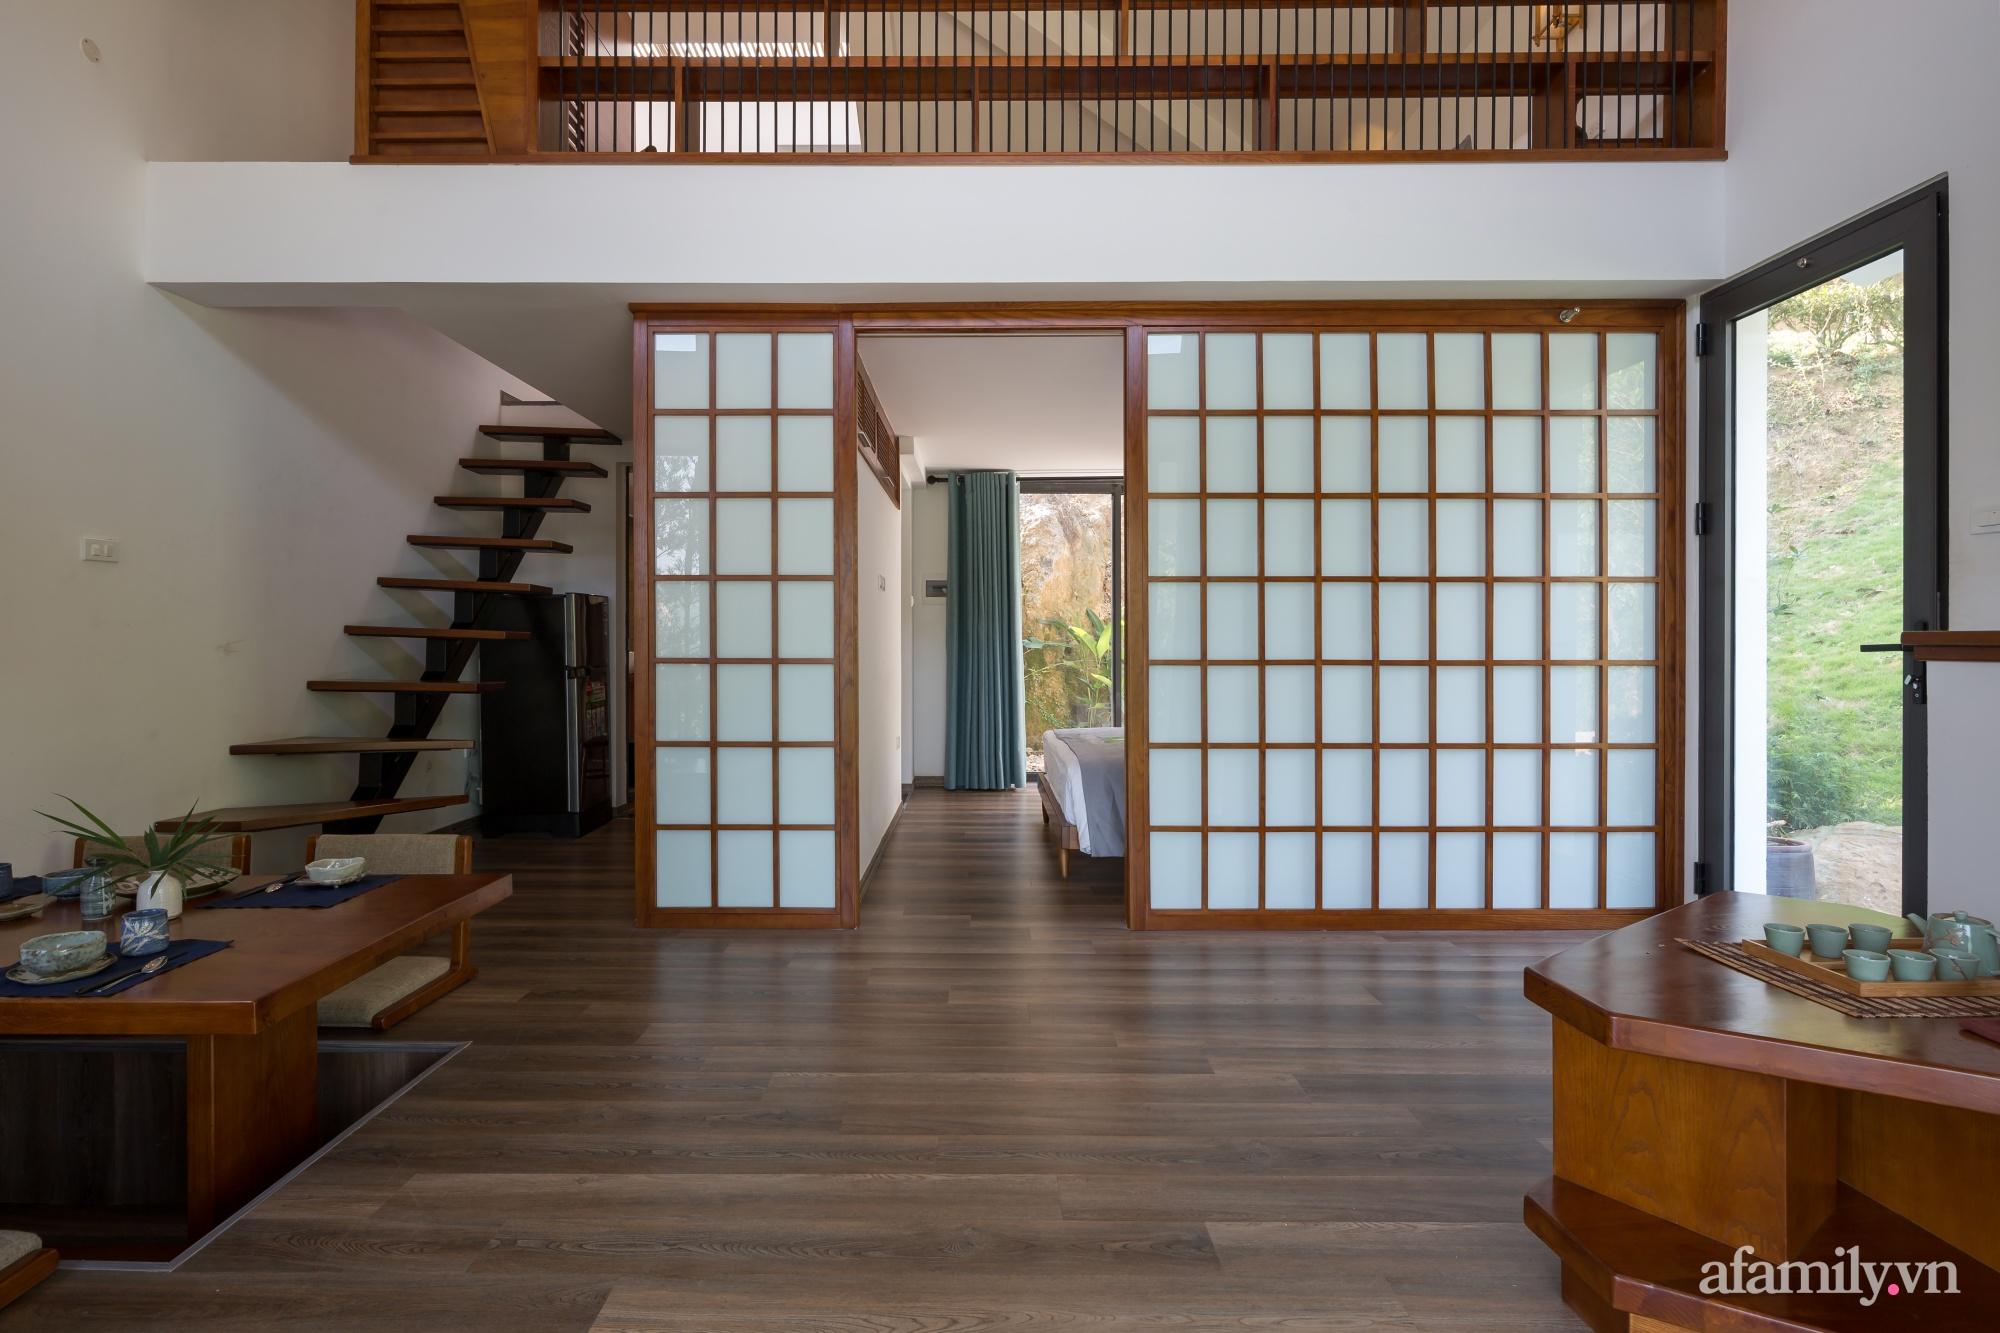 Nhà trên đồi lộng gió thoáng rộng thảnh thơi đón nắng ngập tràn ở Kỳ Sơn, Hòa Bình - Ảnh 9.